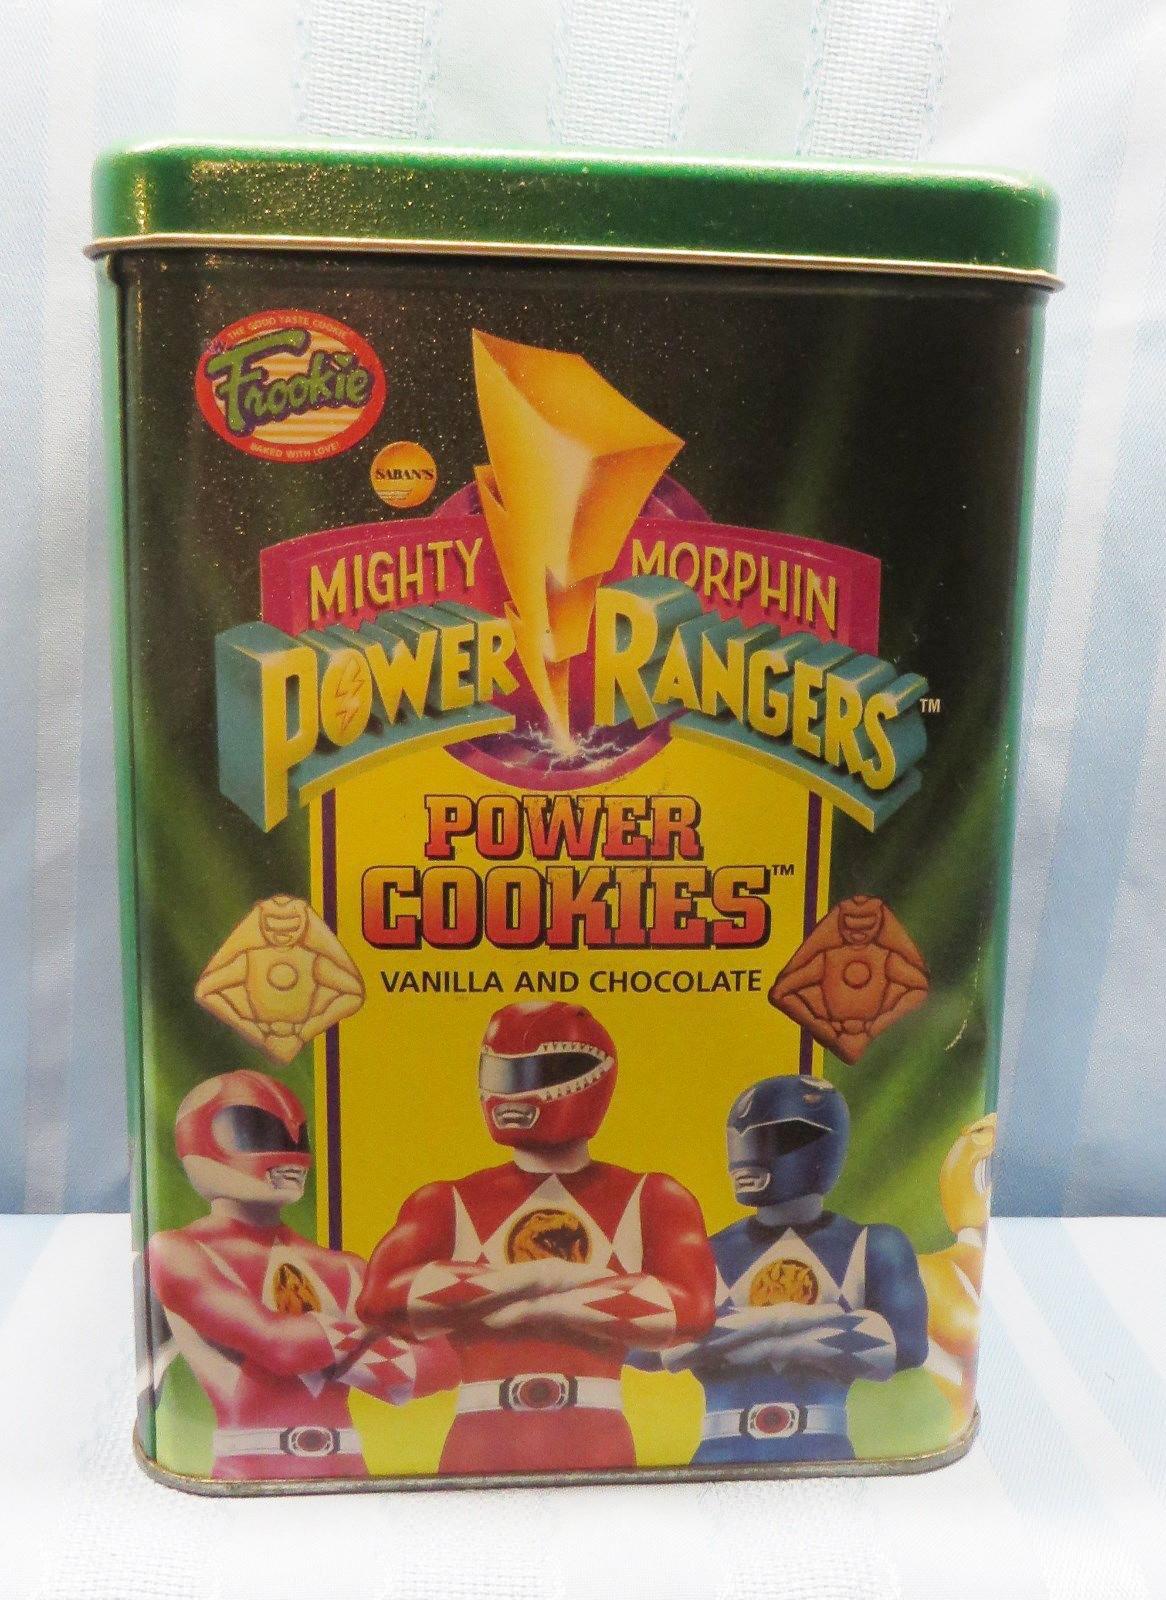 Power Cookies tin